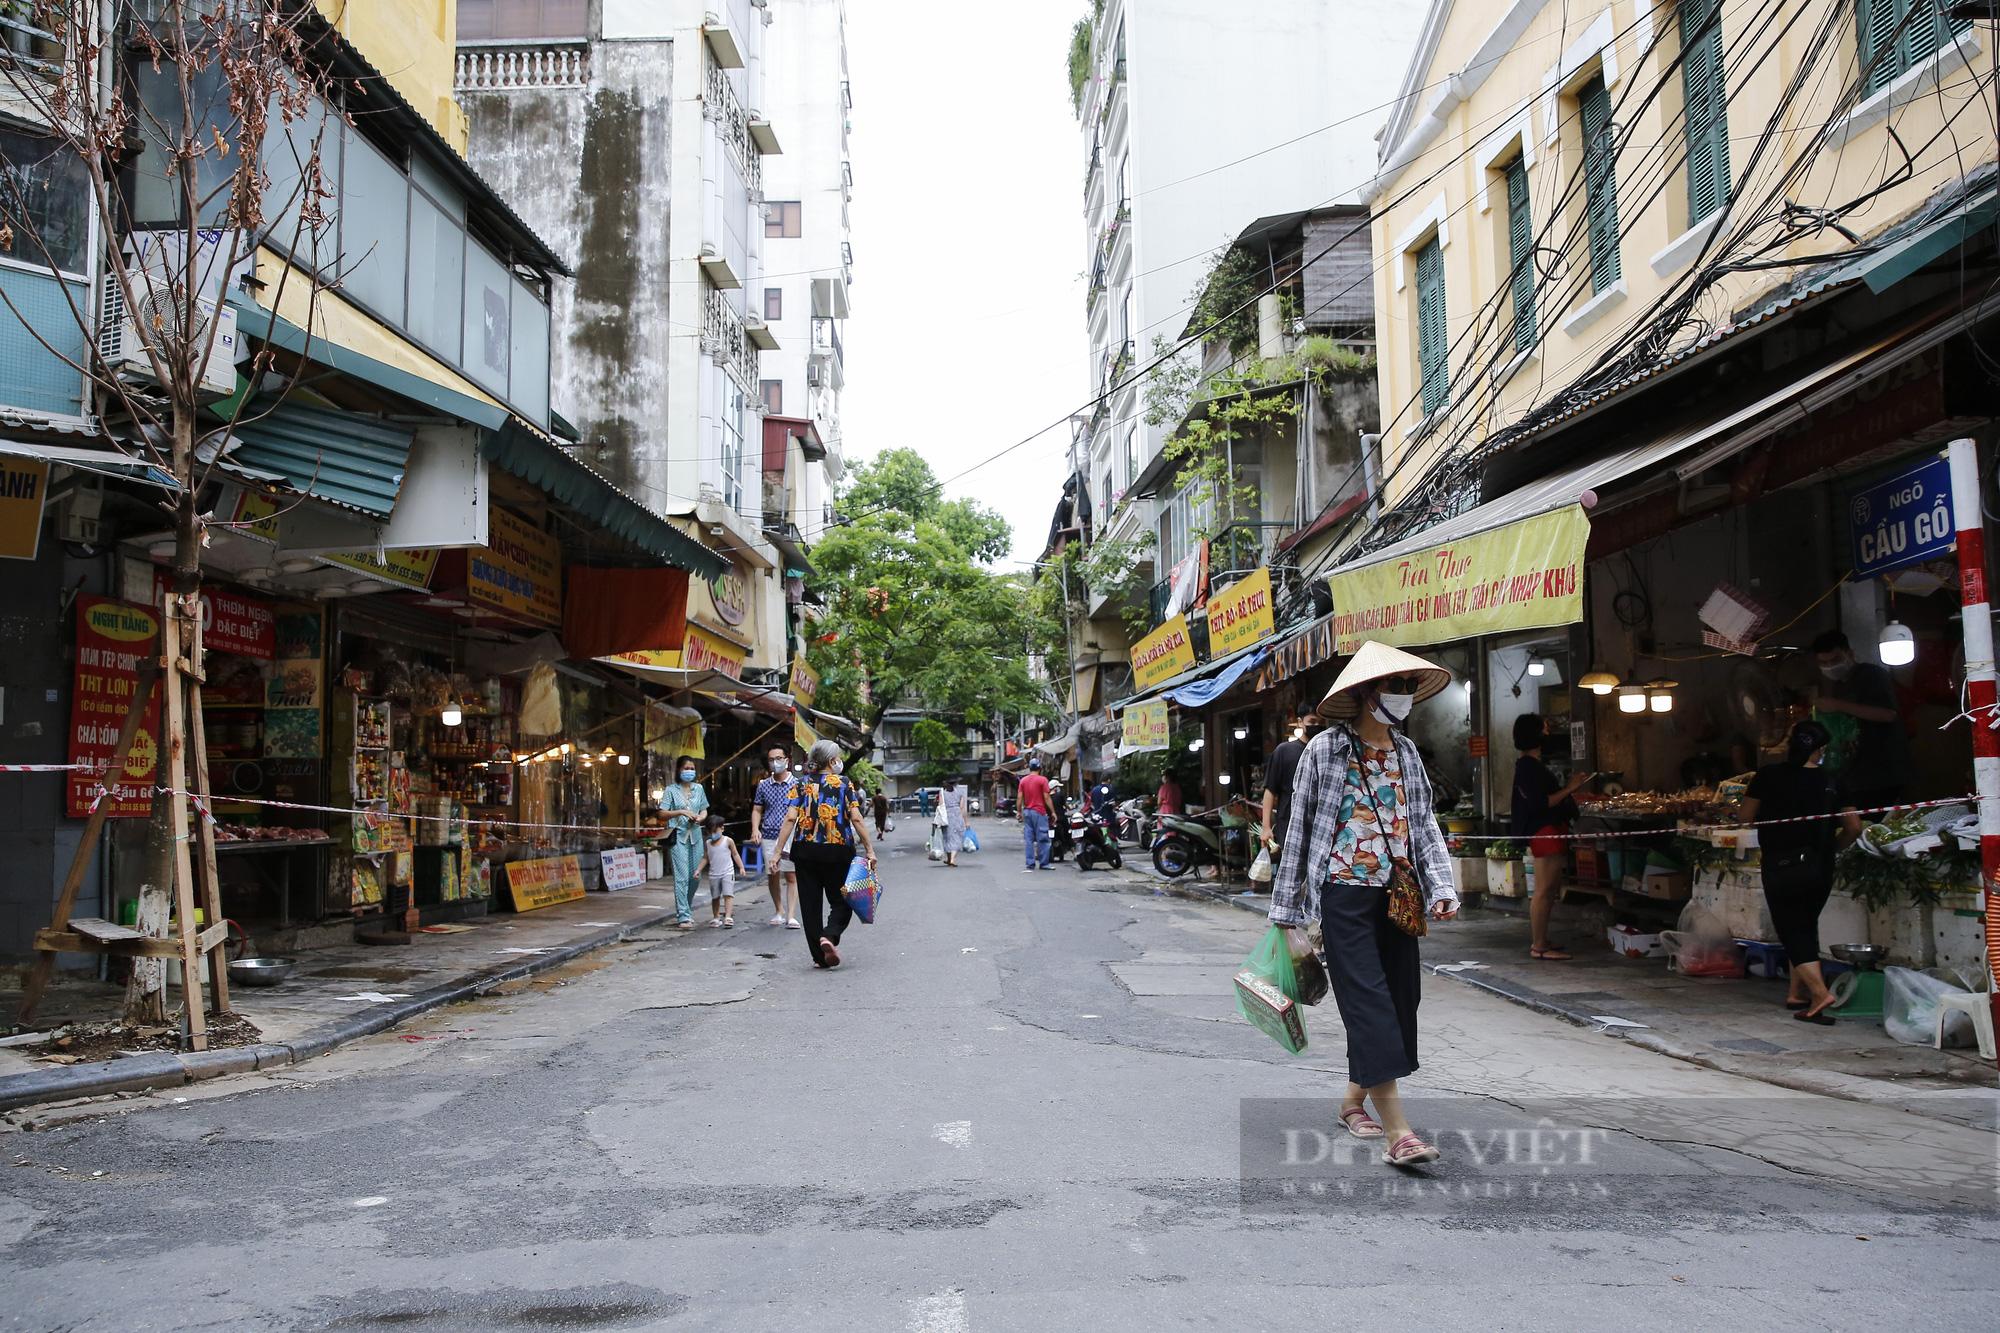 """Xem người dân phố cổ Hà Nội đi chợ """"nhà giàu"""" trong ngày giãn cách xã hội - Ảnh 10."""